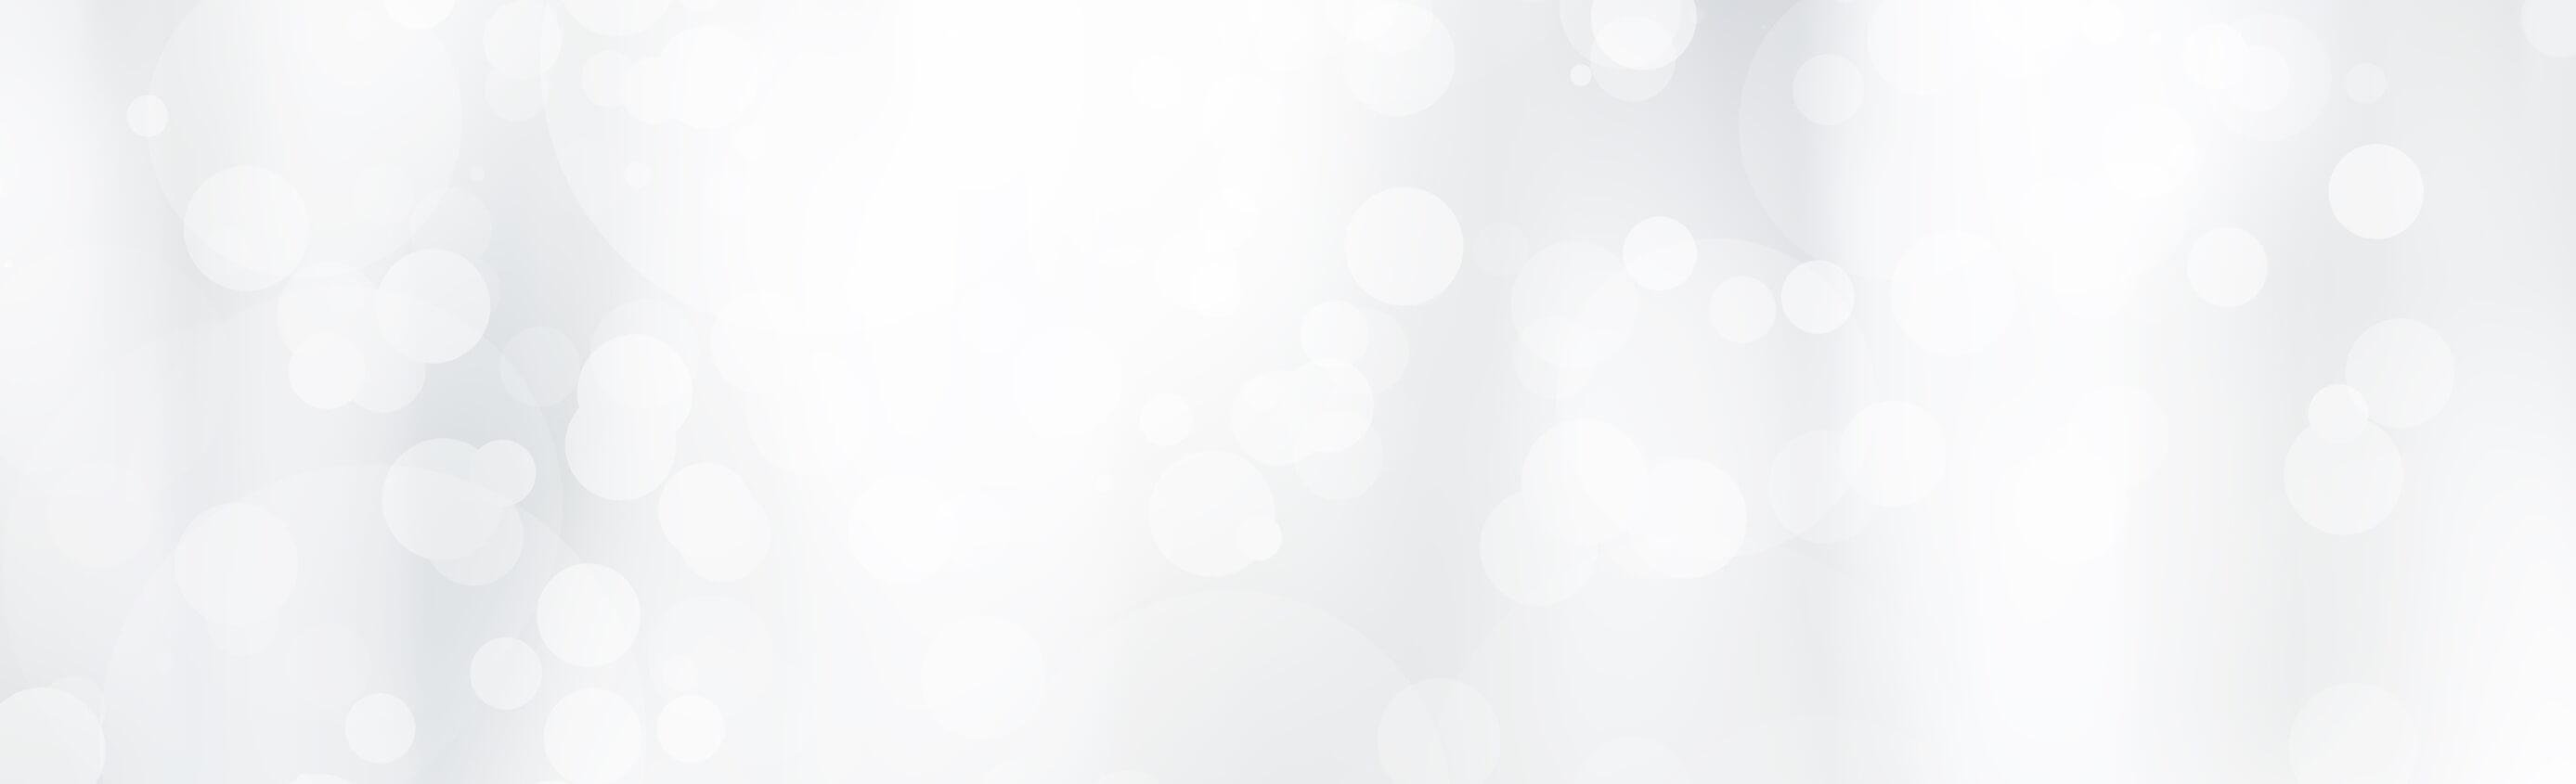 コンダ ボビー オロゴン キョウコ